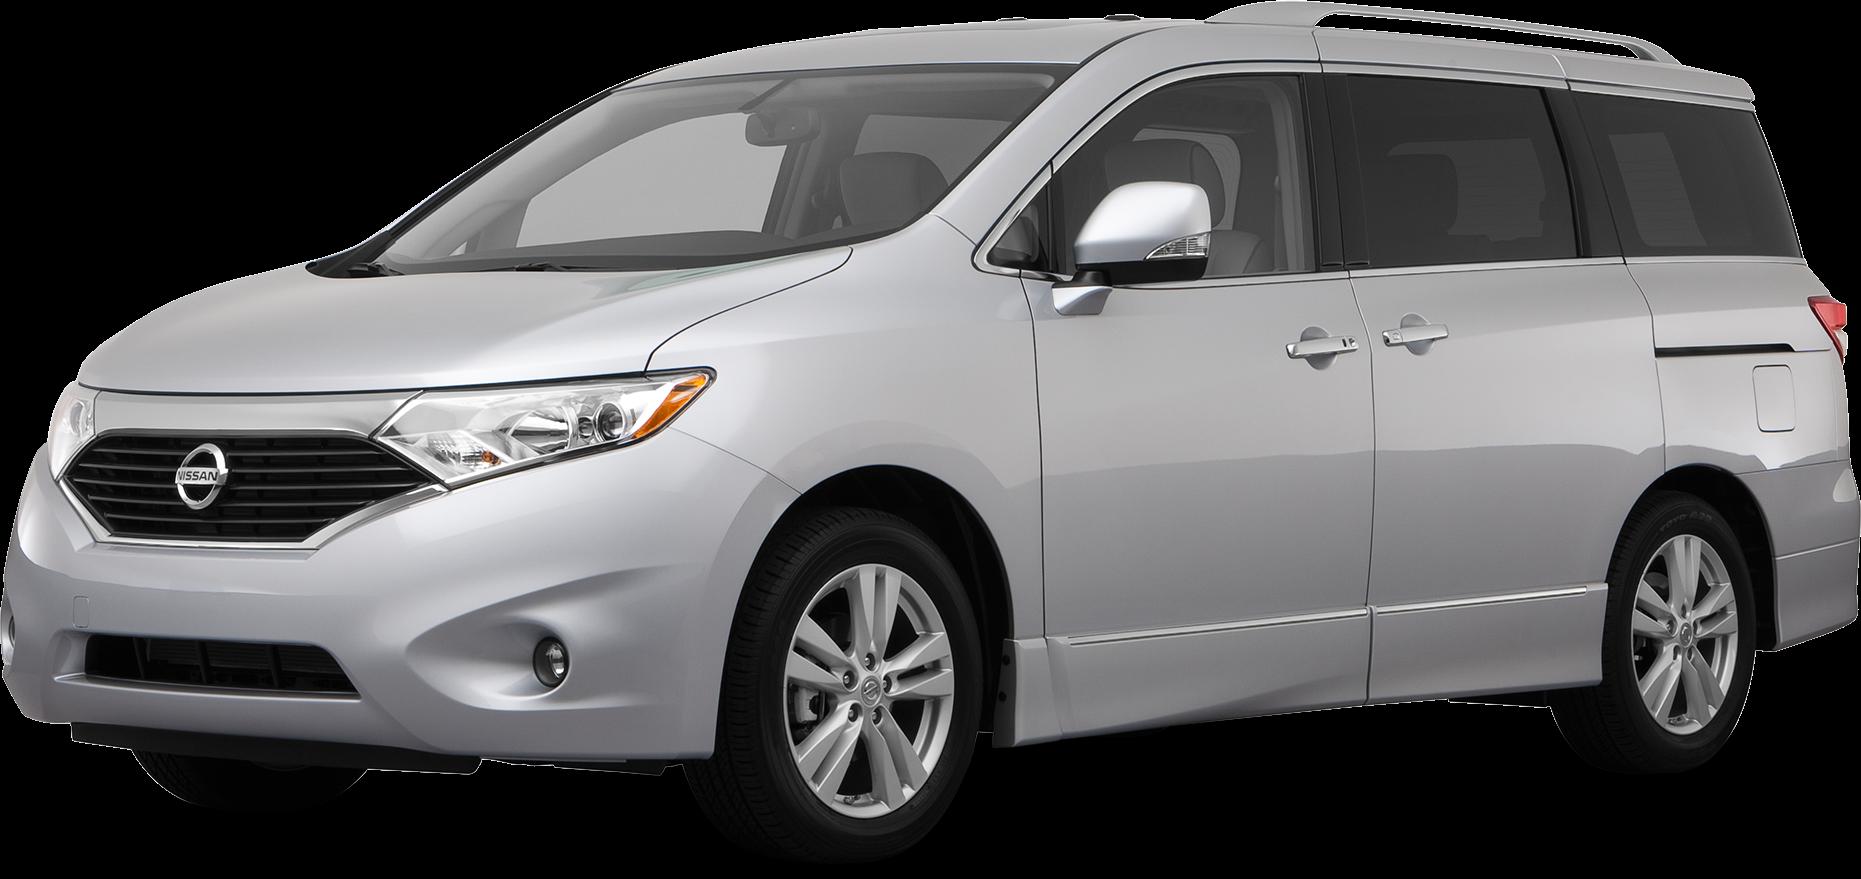 2012 Dodge Grand Caravan Passenger   Pricing, Ratings, Expert Review